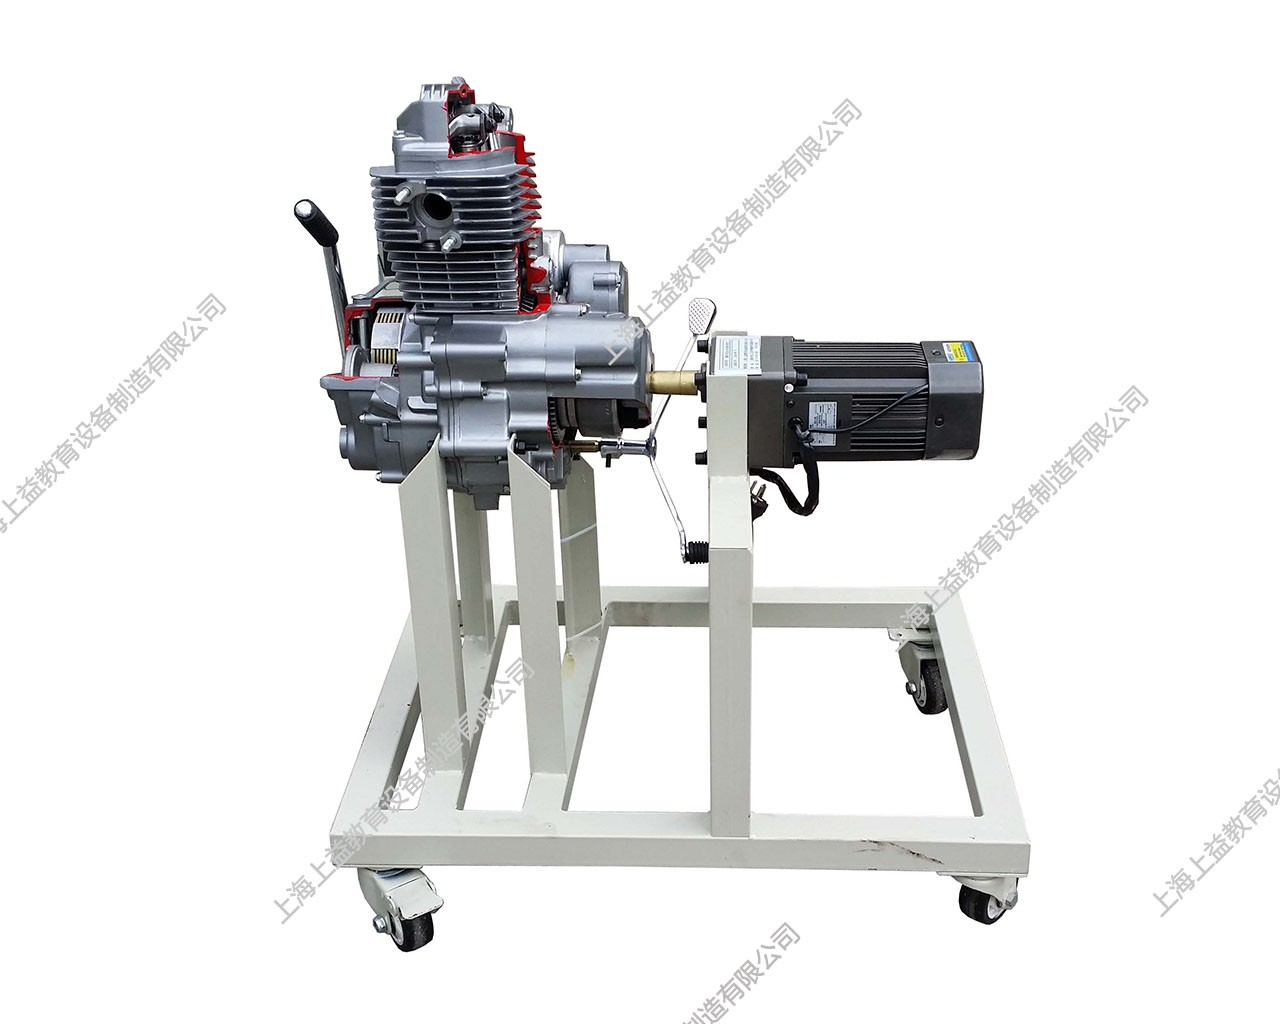 单缸汽油发动机模型